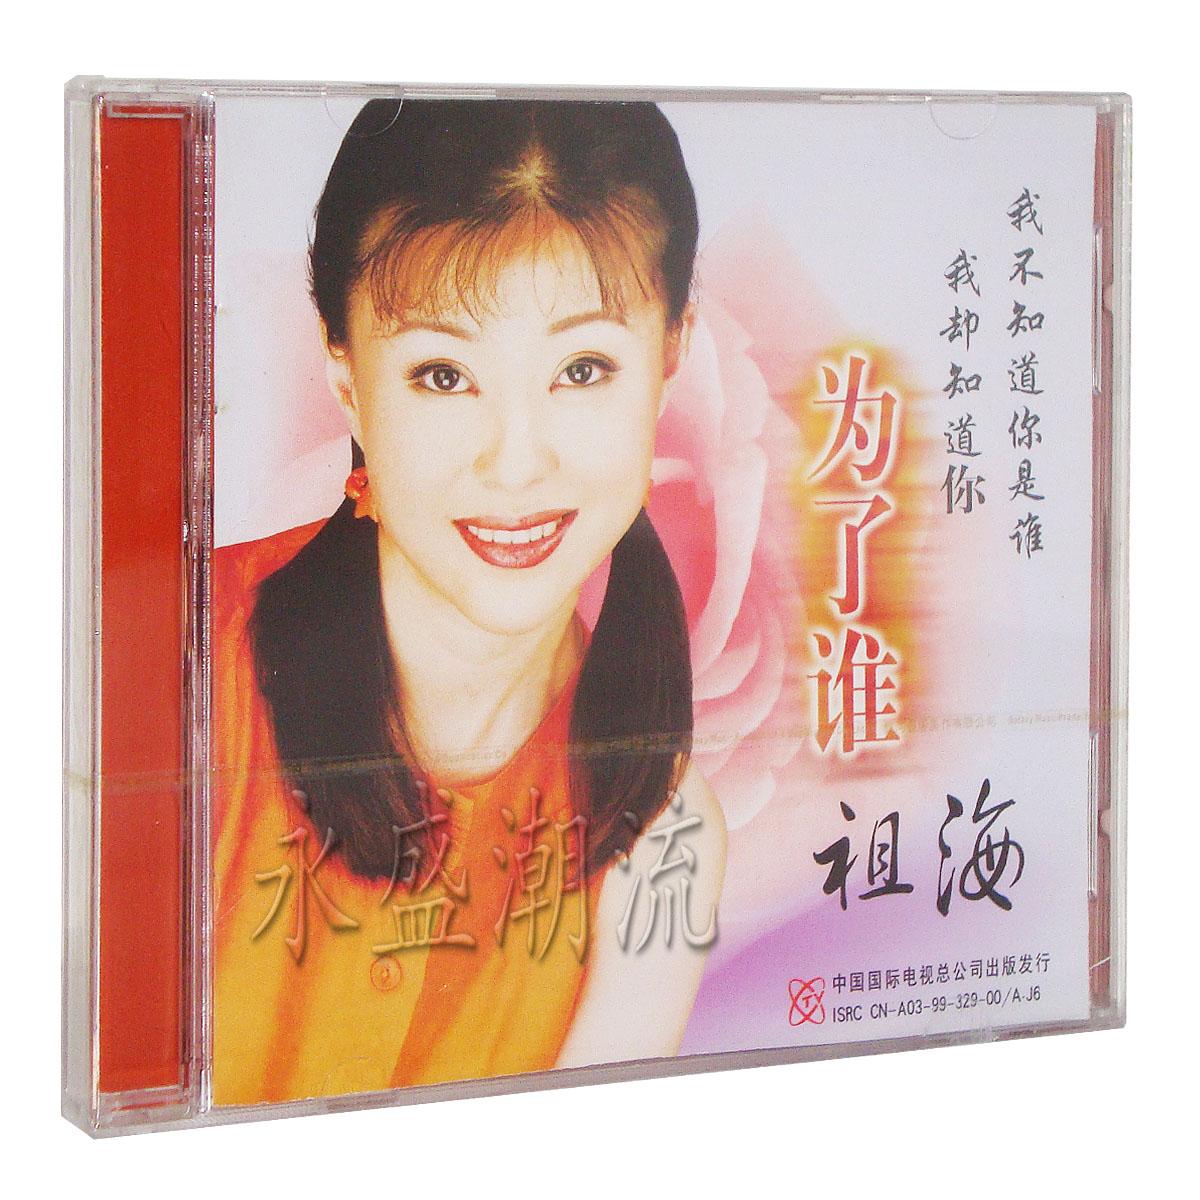 正版 祖海【为了谁】CD 我不知道你是谁我却知道你为了谁